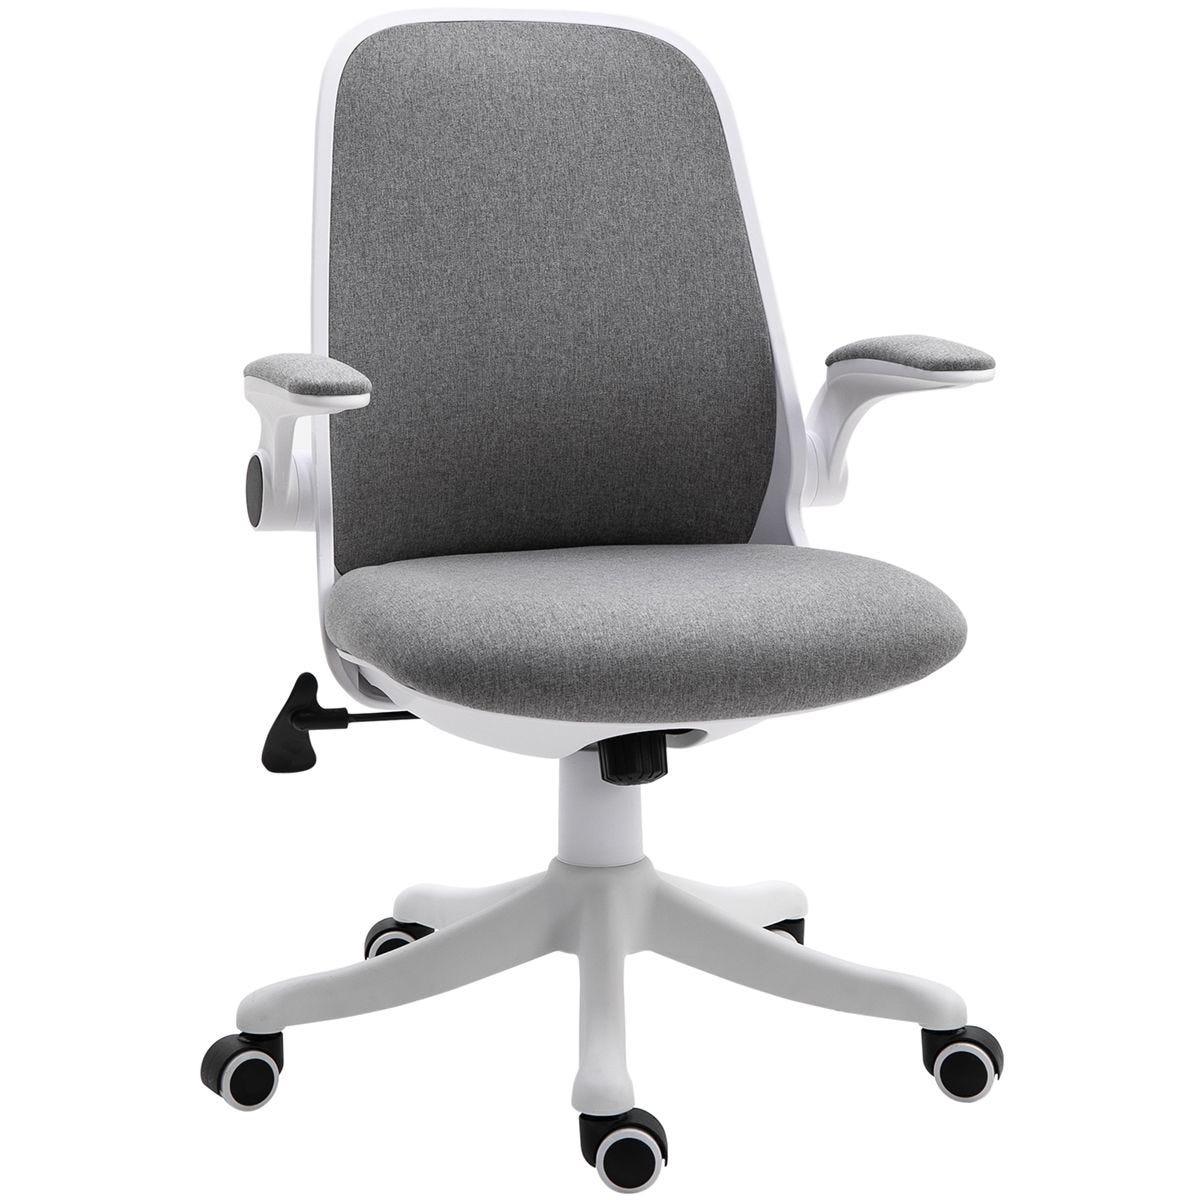 Zennor Hinoki Meshback Cushioned Office Chair - Grey/White